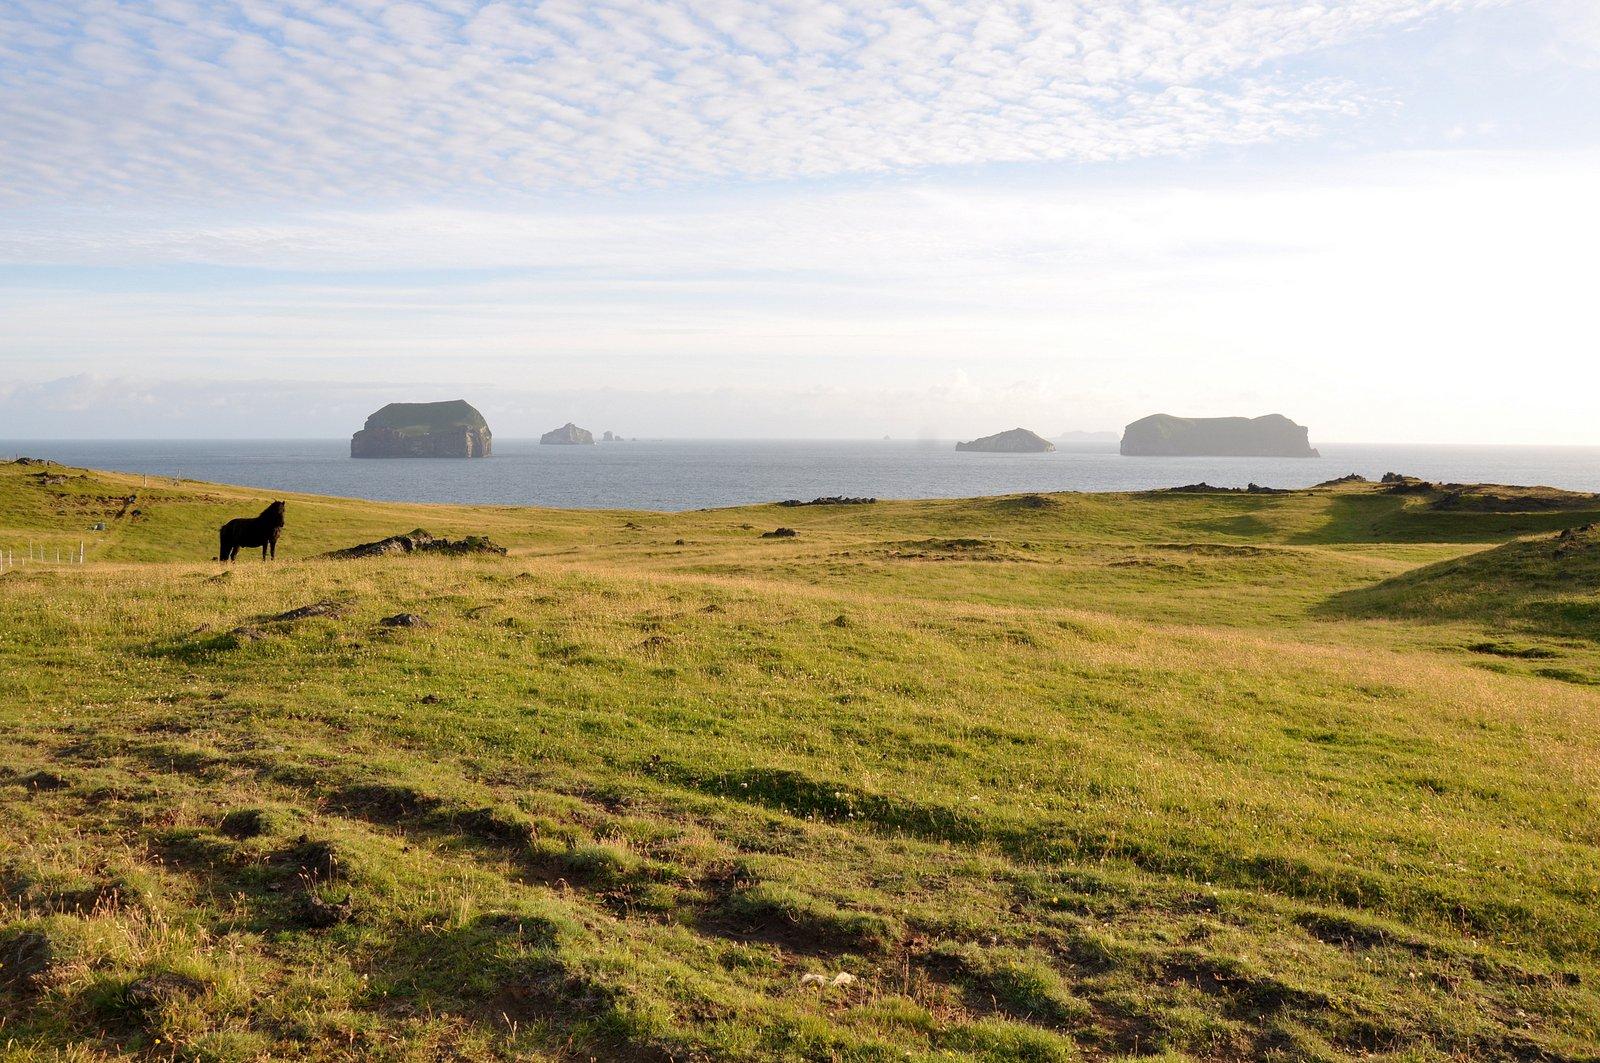 La isla Surtsey es visible en la distancia, escondida por las otras islas del archipiélago Vestmann